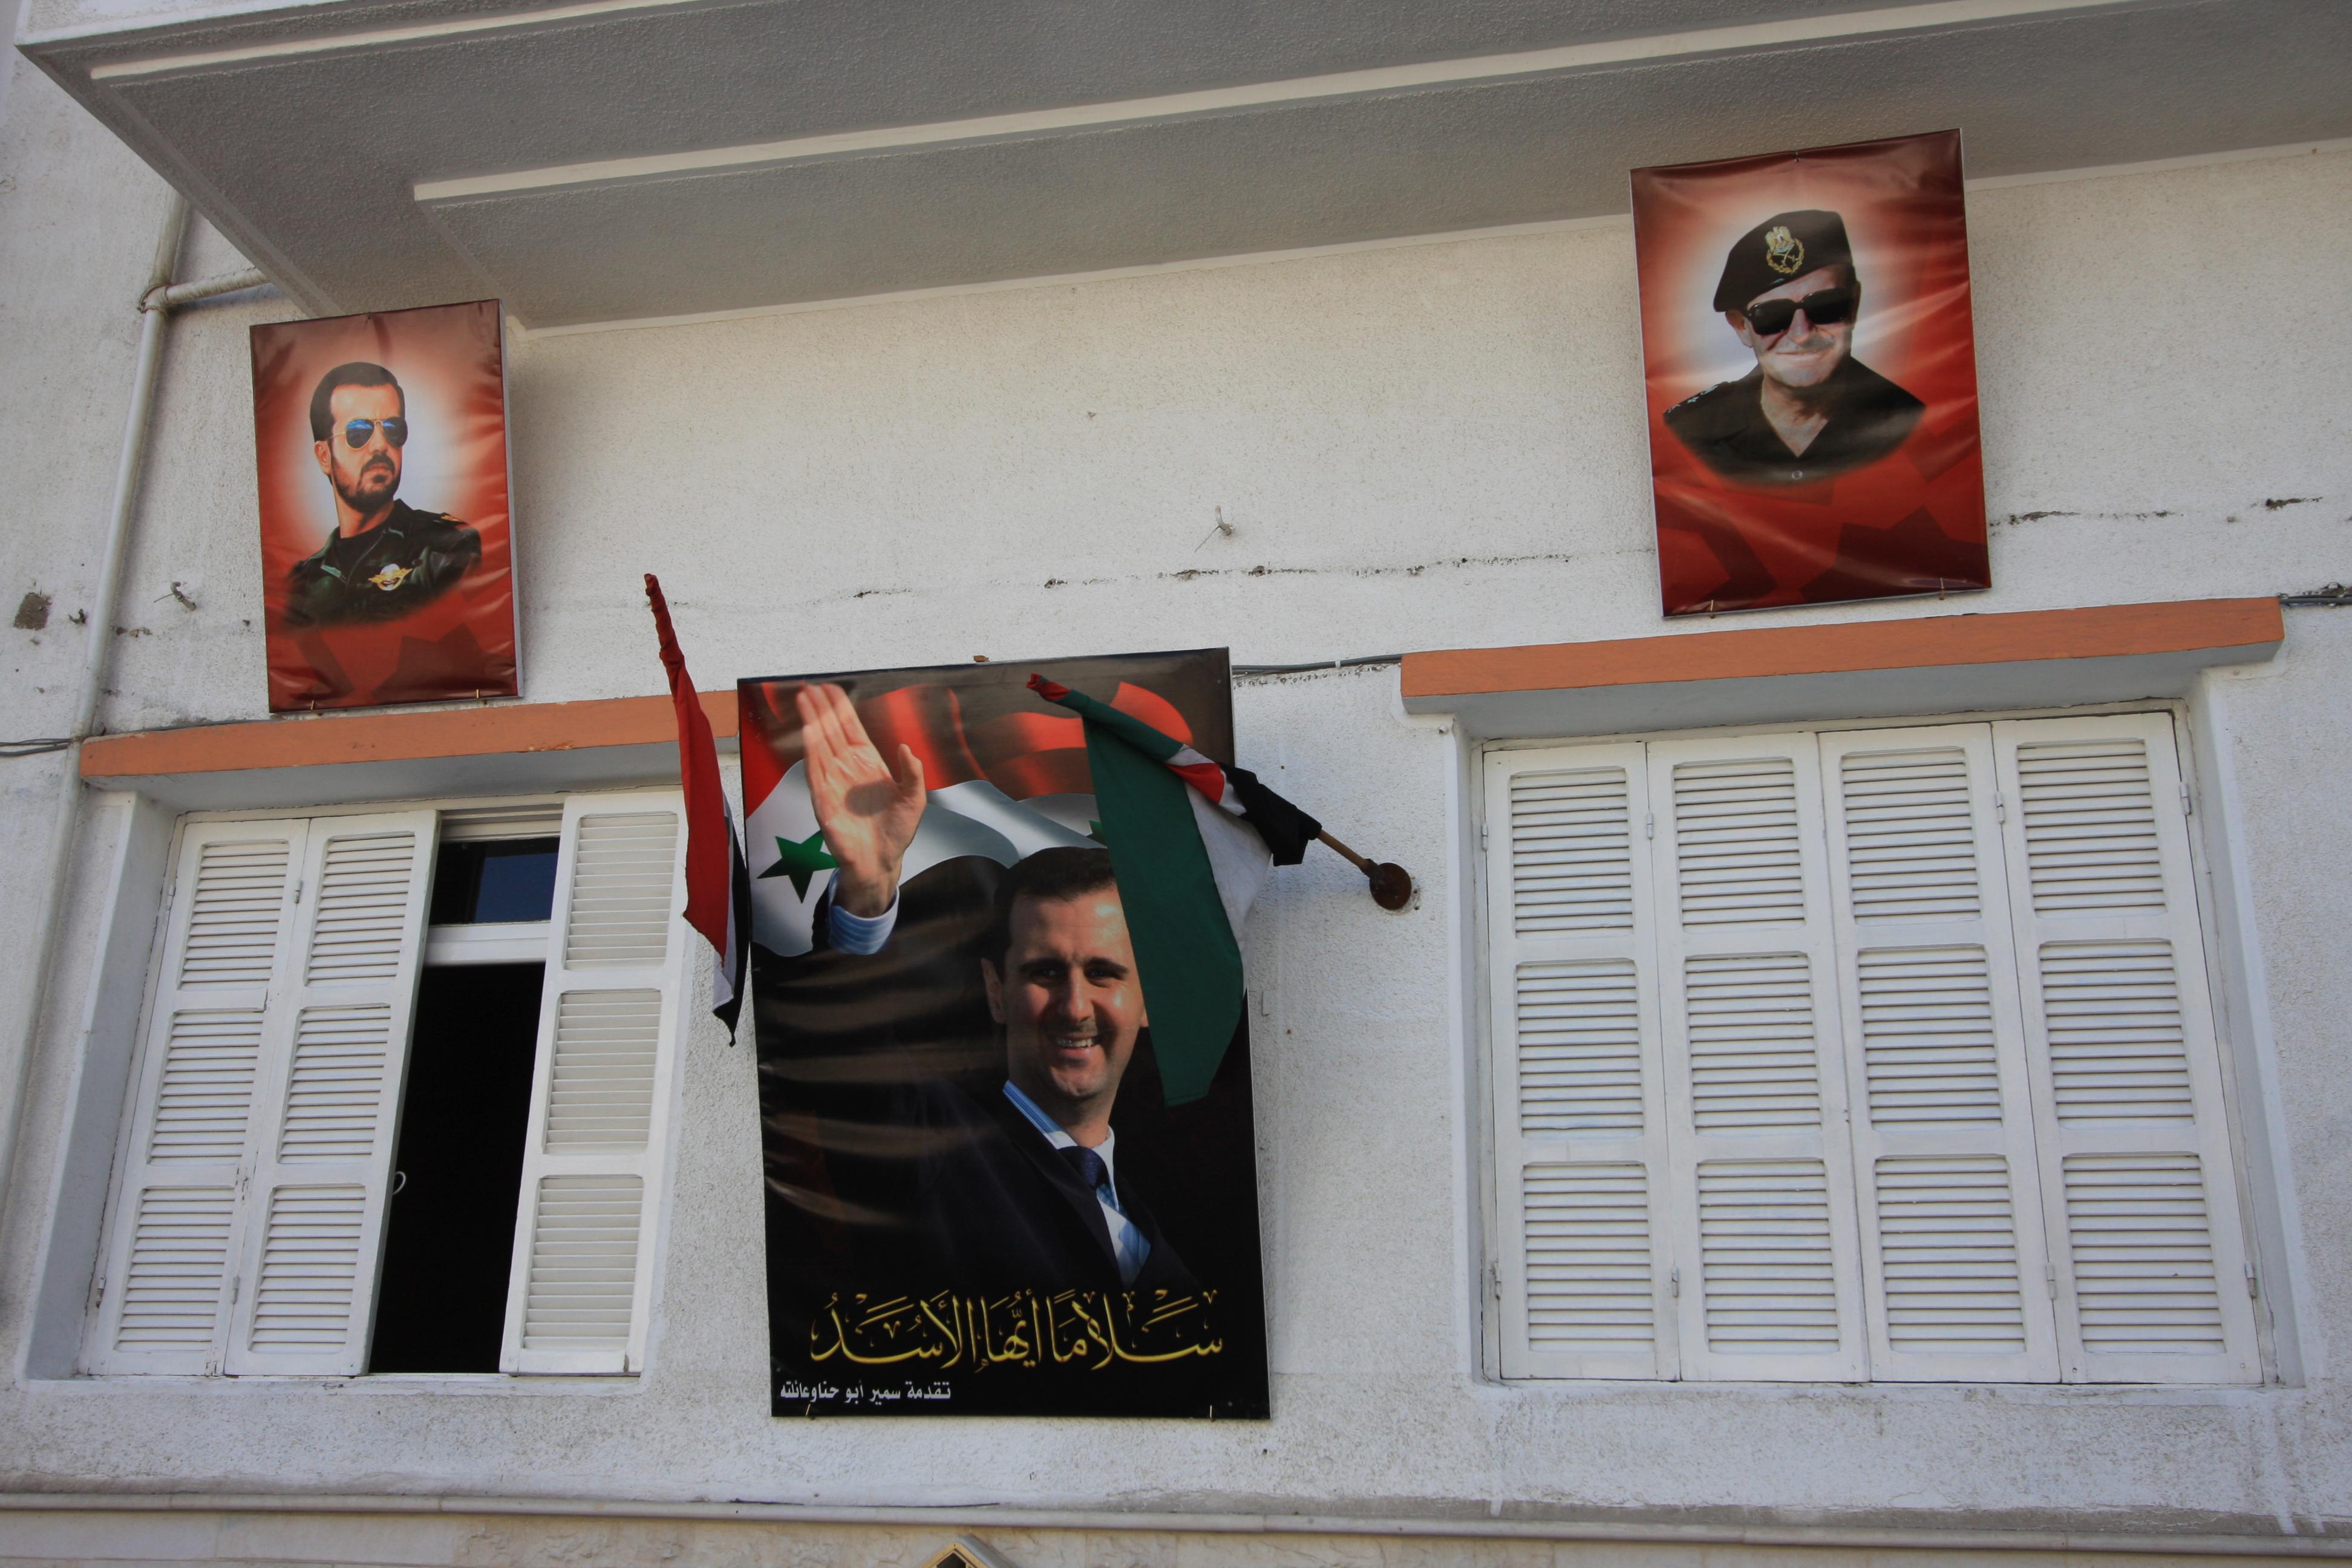 Assadin juliste ja Syyrian liput talon ulkoseinällä